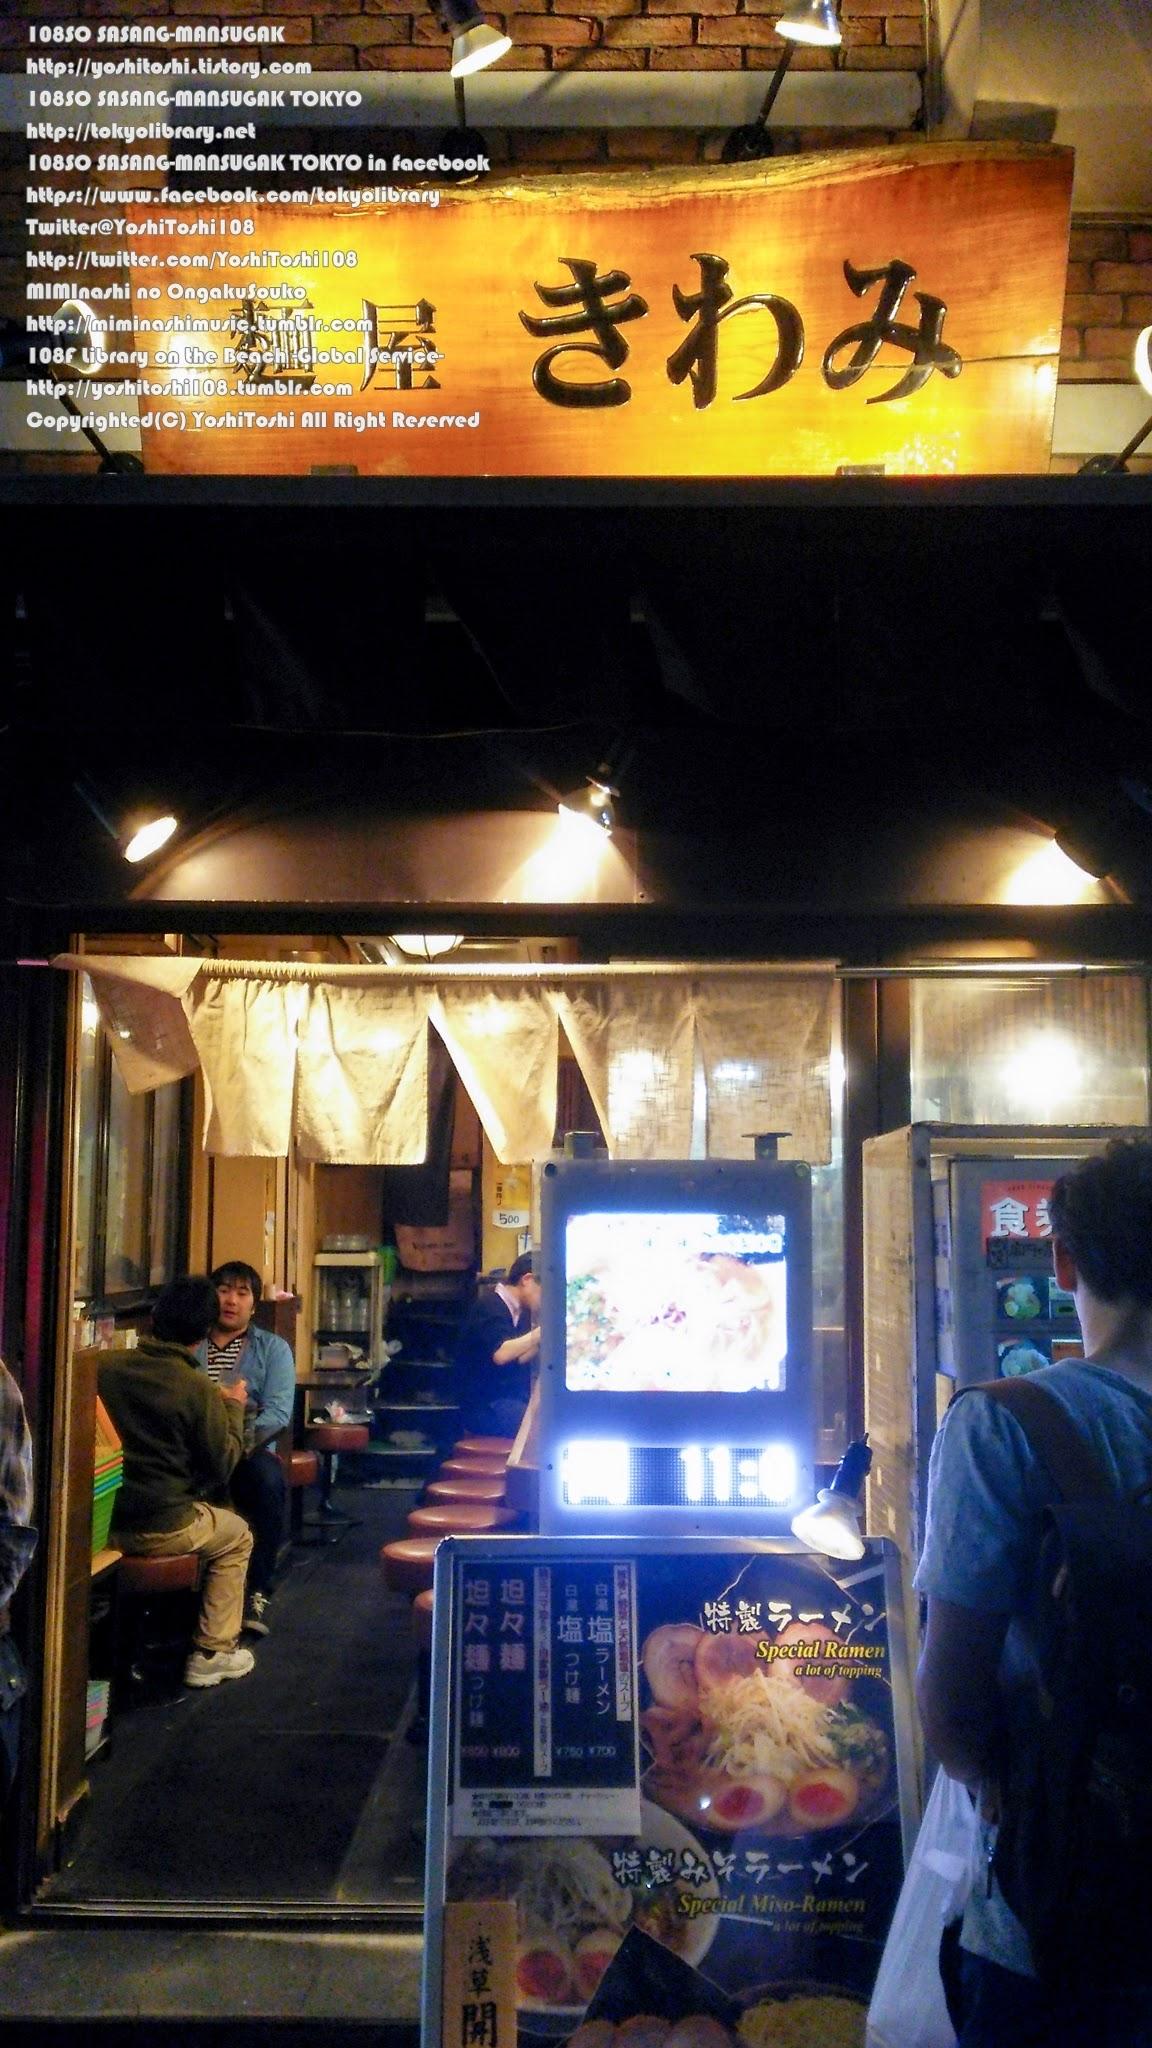 秋葉原の美味しい店、麺屋きわみ